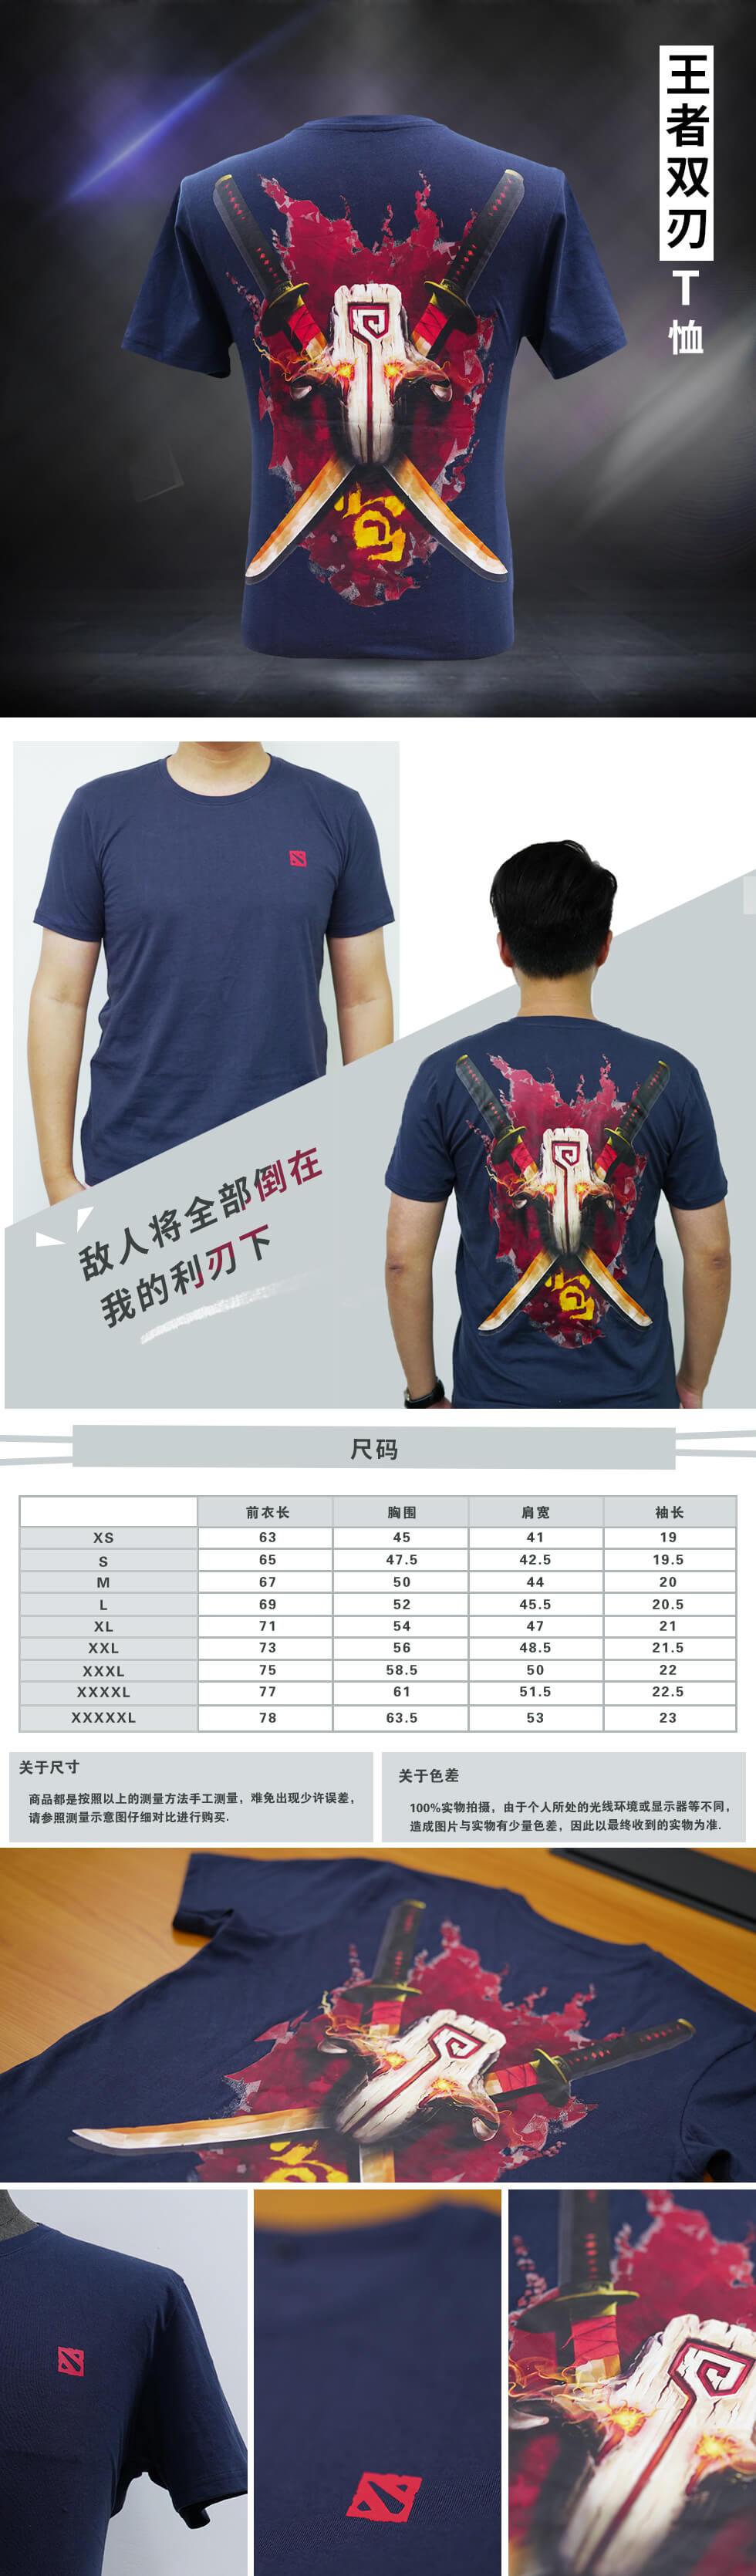 王者双刃T恤.jpg